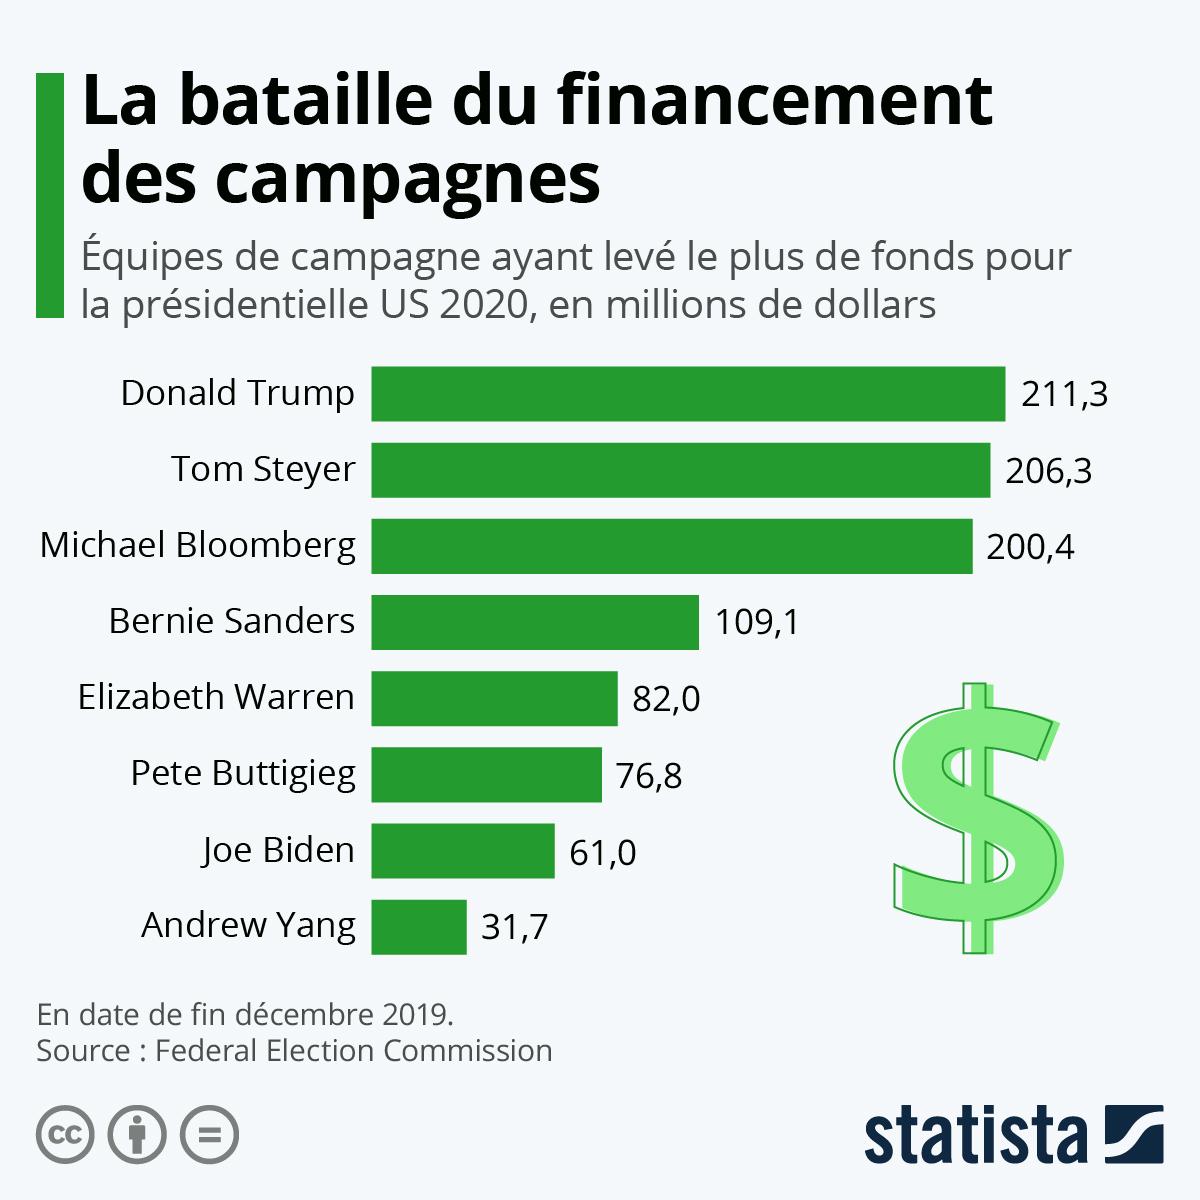 Infographie: Présidentielle US : la bataille du financement des campagnes | Statista